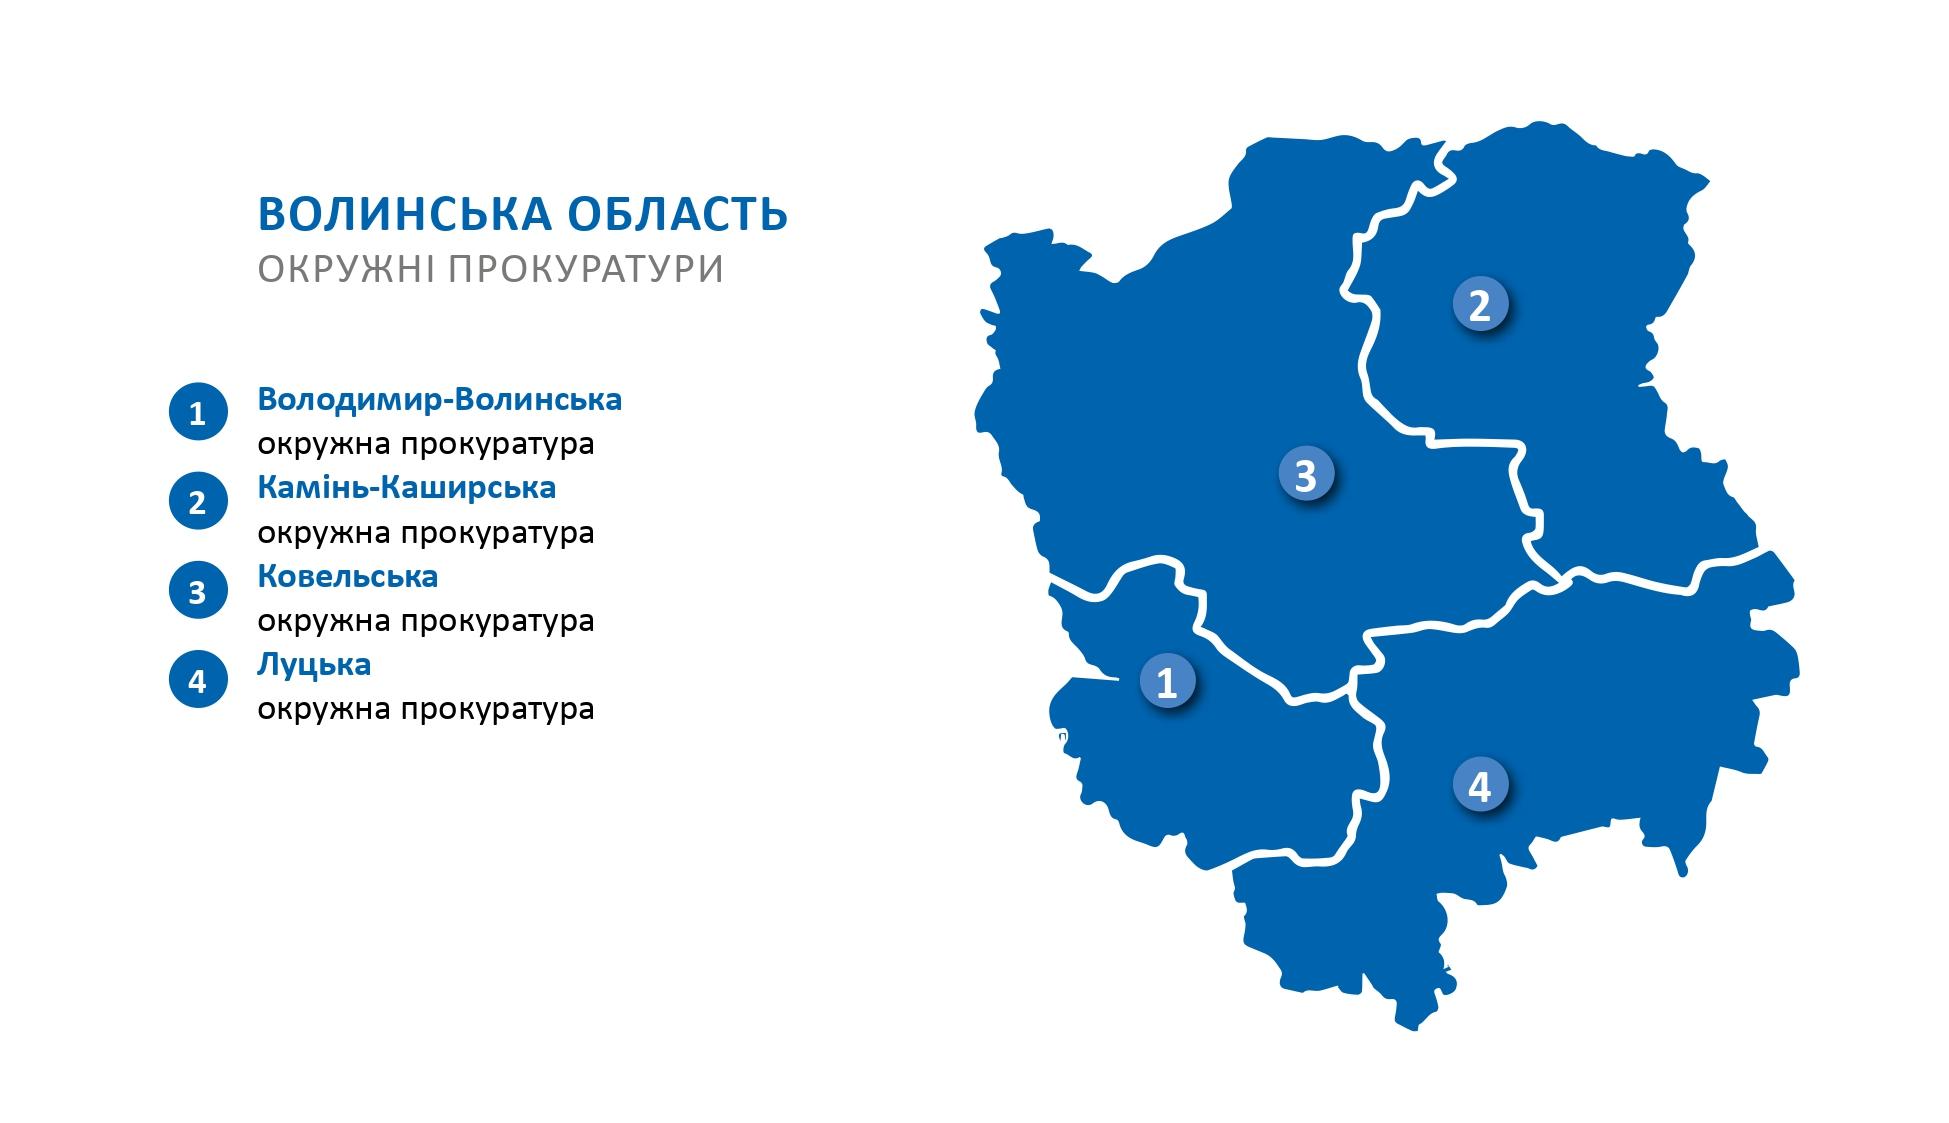 В Україні розпочали роботу окружні прокуратури: на Волині їх чотири. ІНФОГРАФІКА